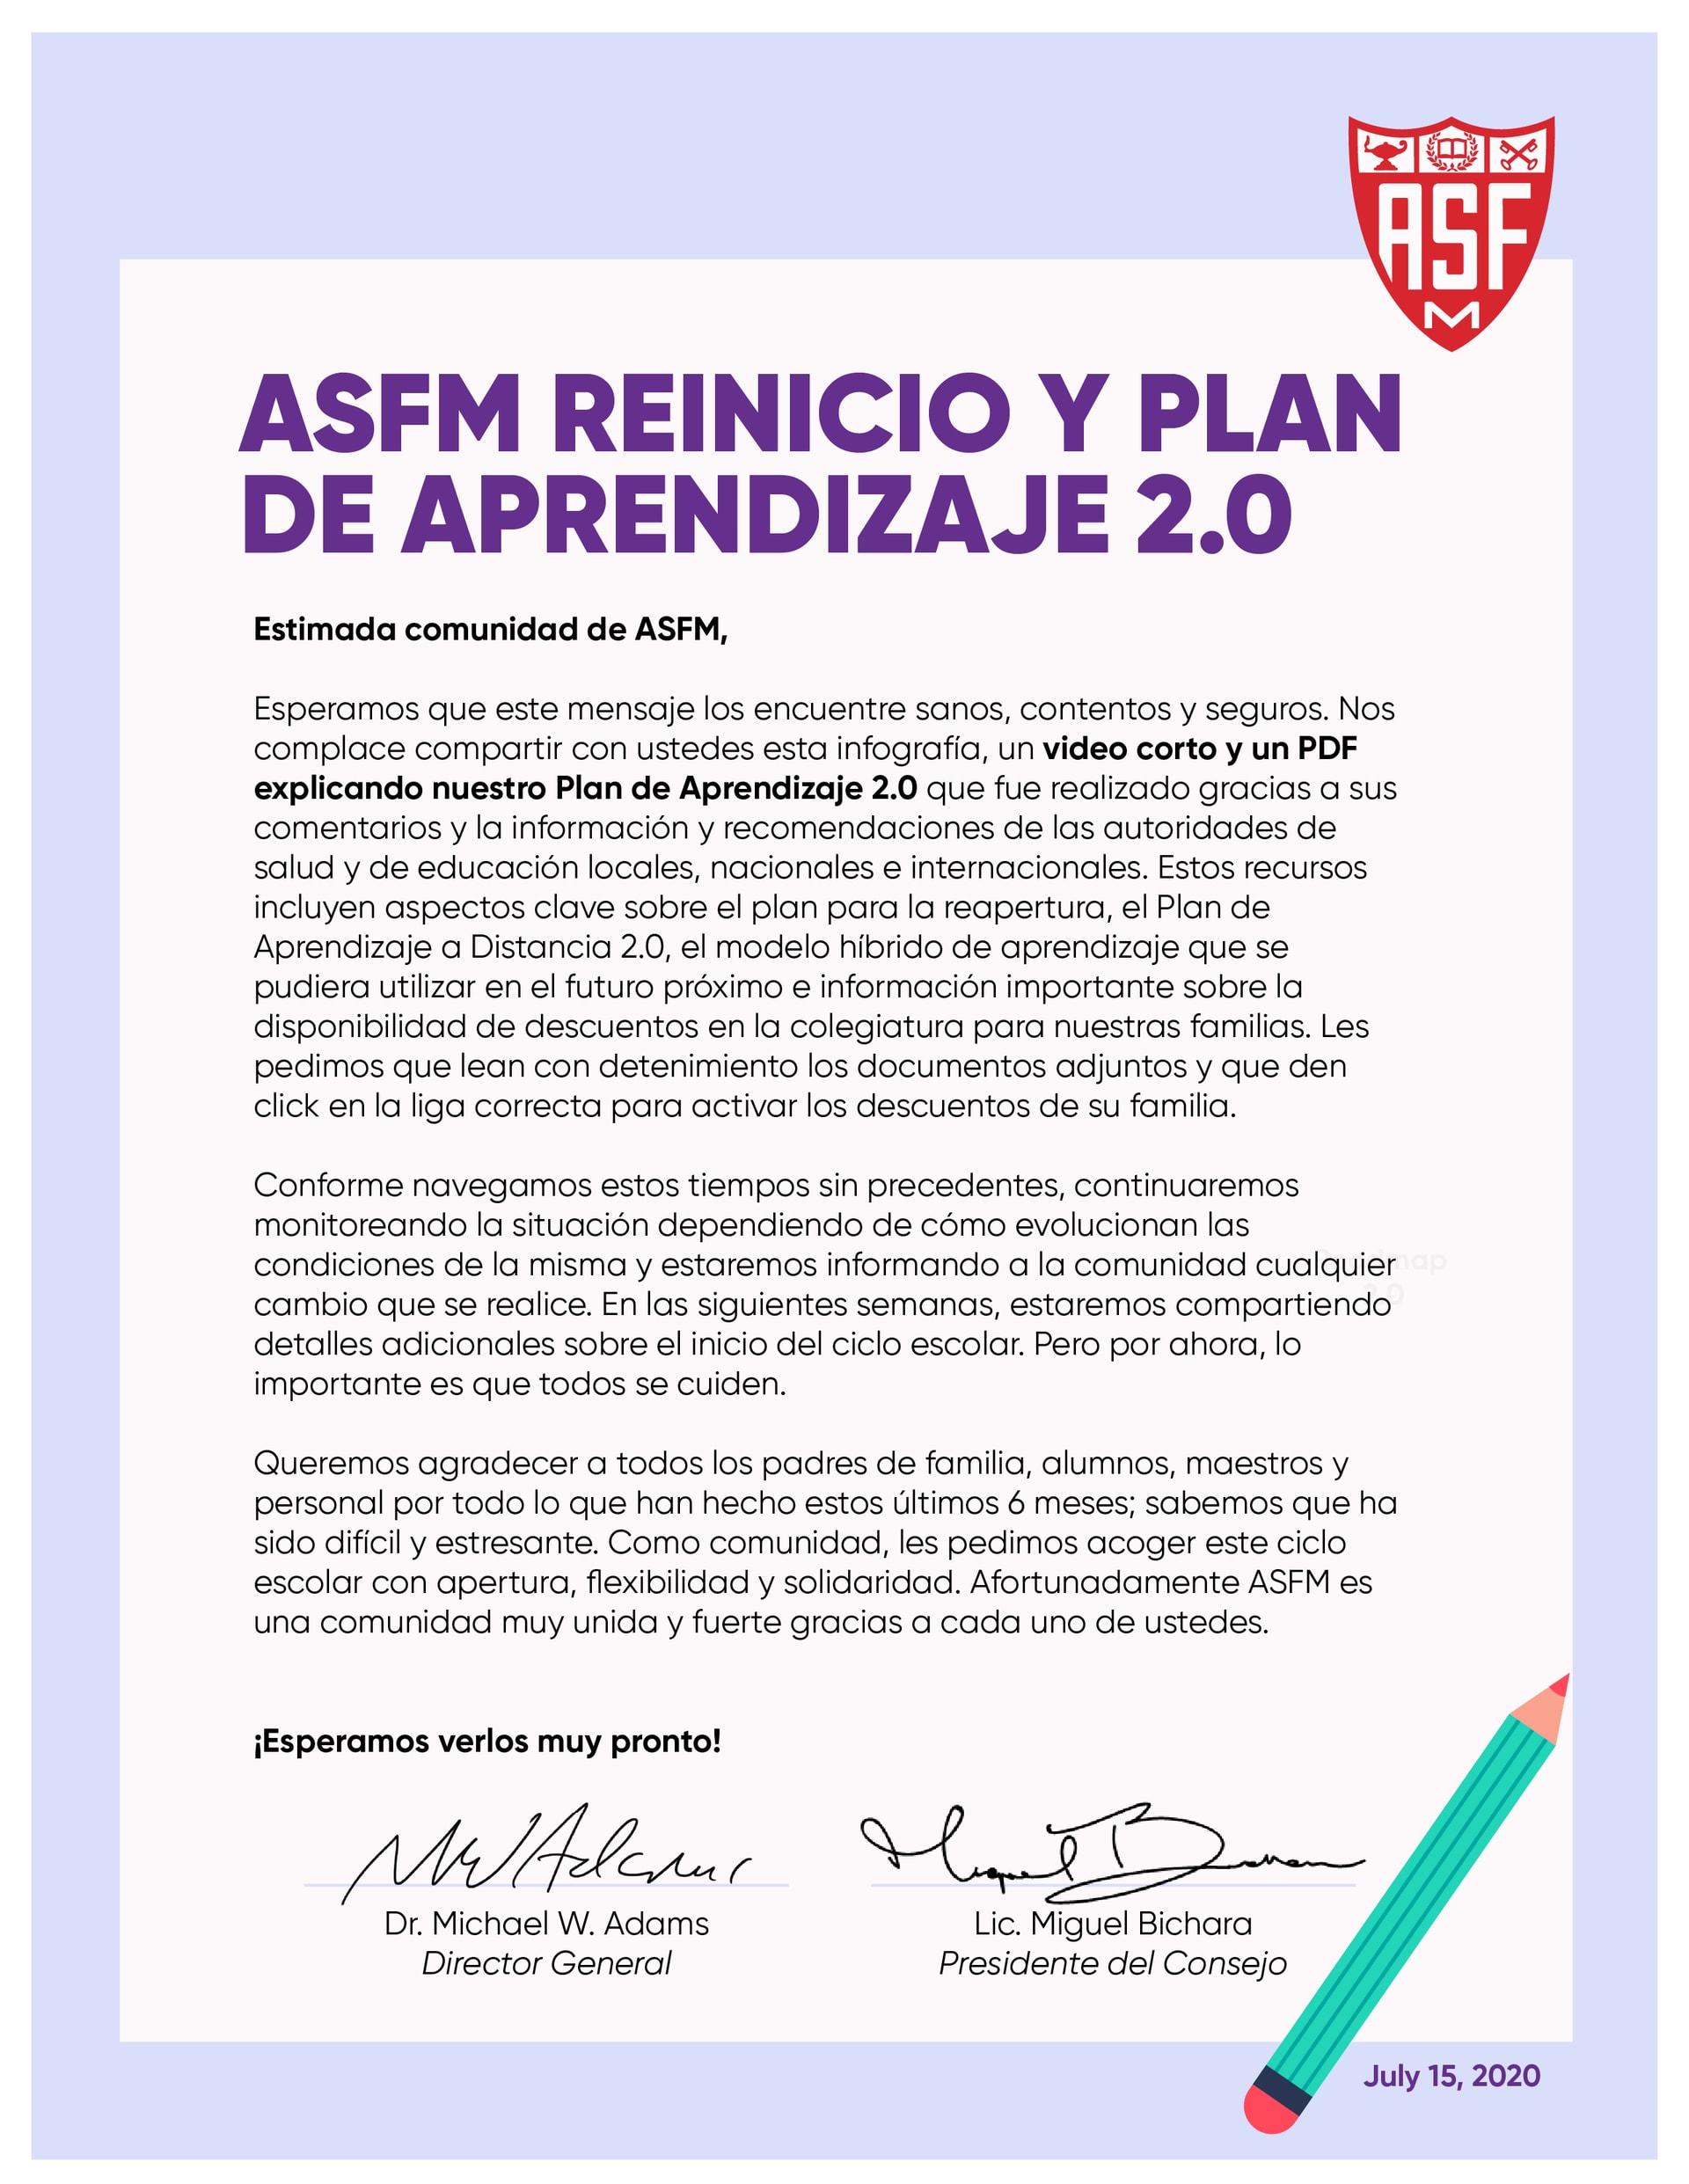 Carta a la comunidad de ASFM